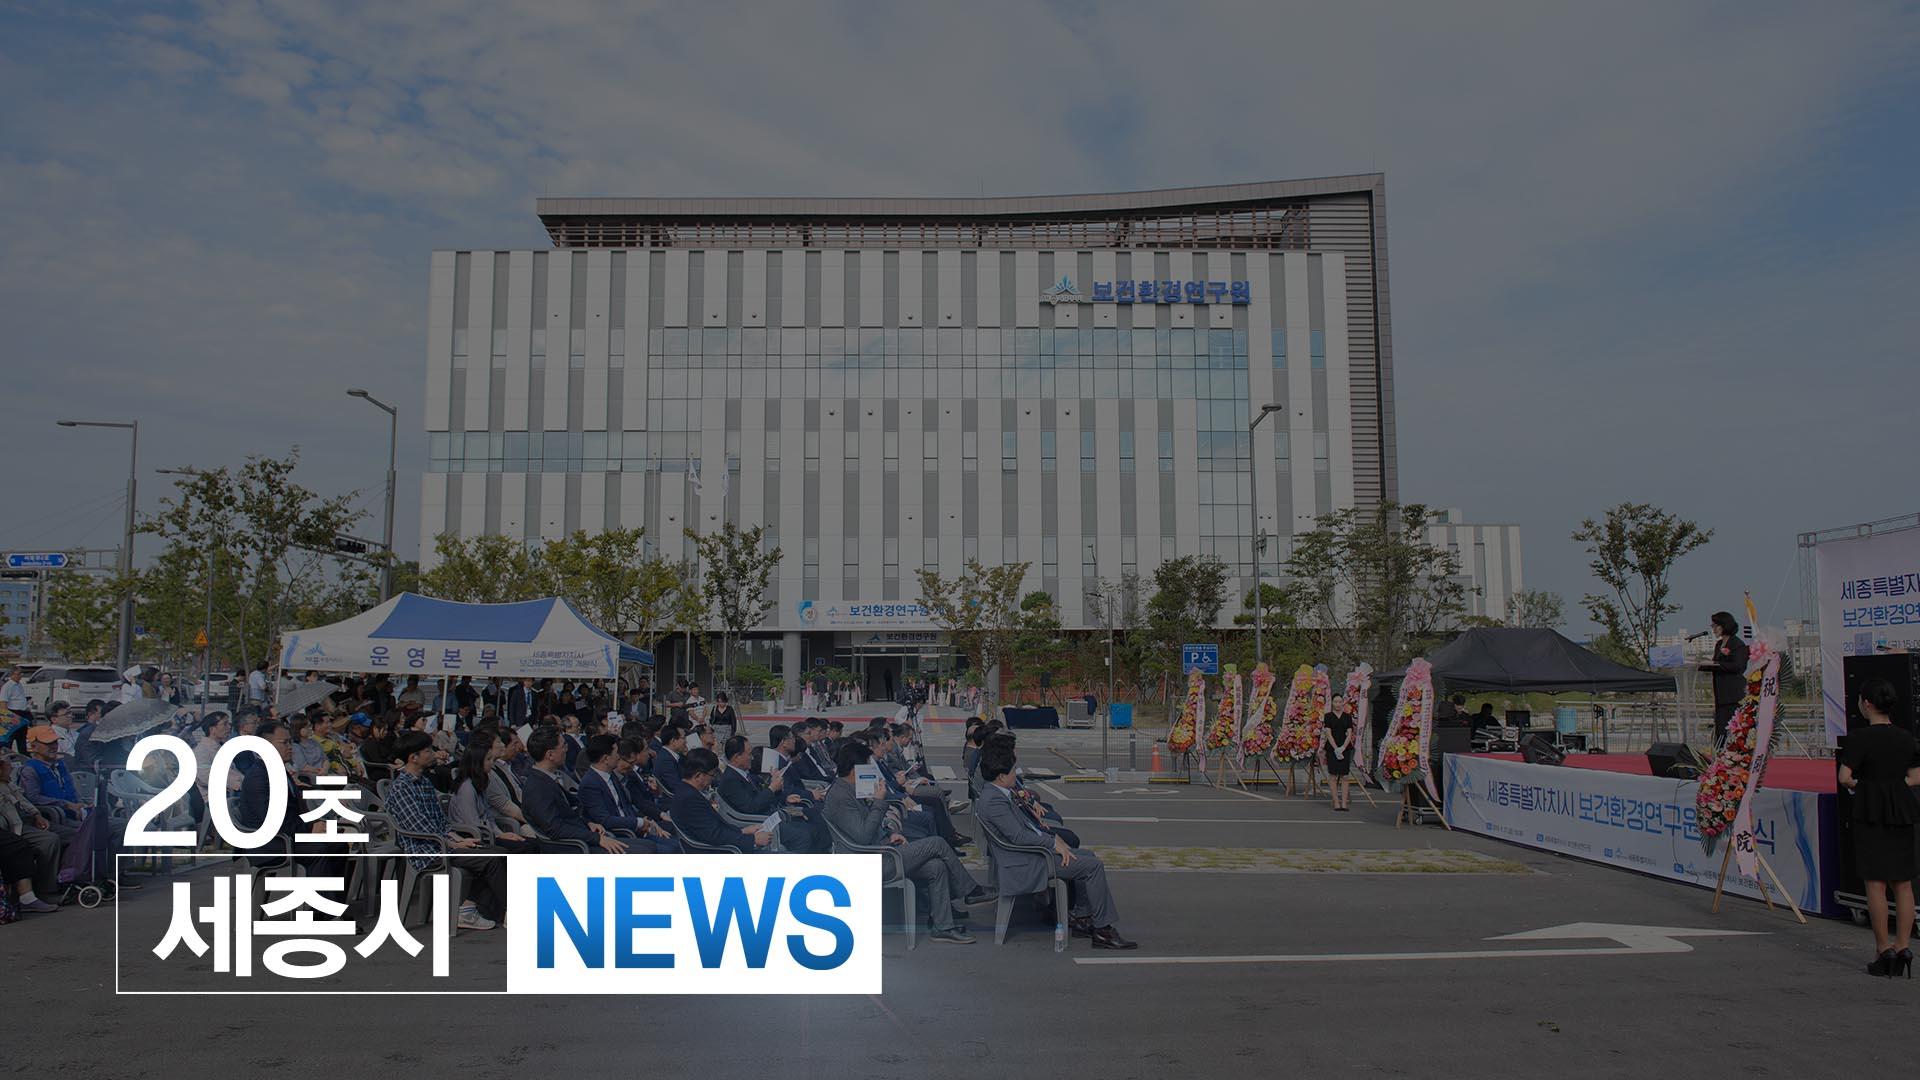 <20초뉴스> 보건환경연구원 신청사 준공, 27일 개원